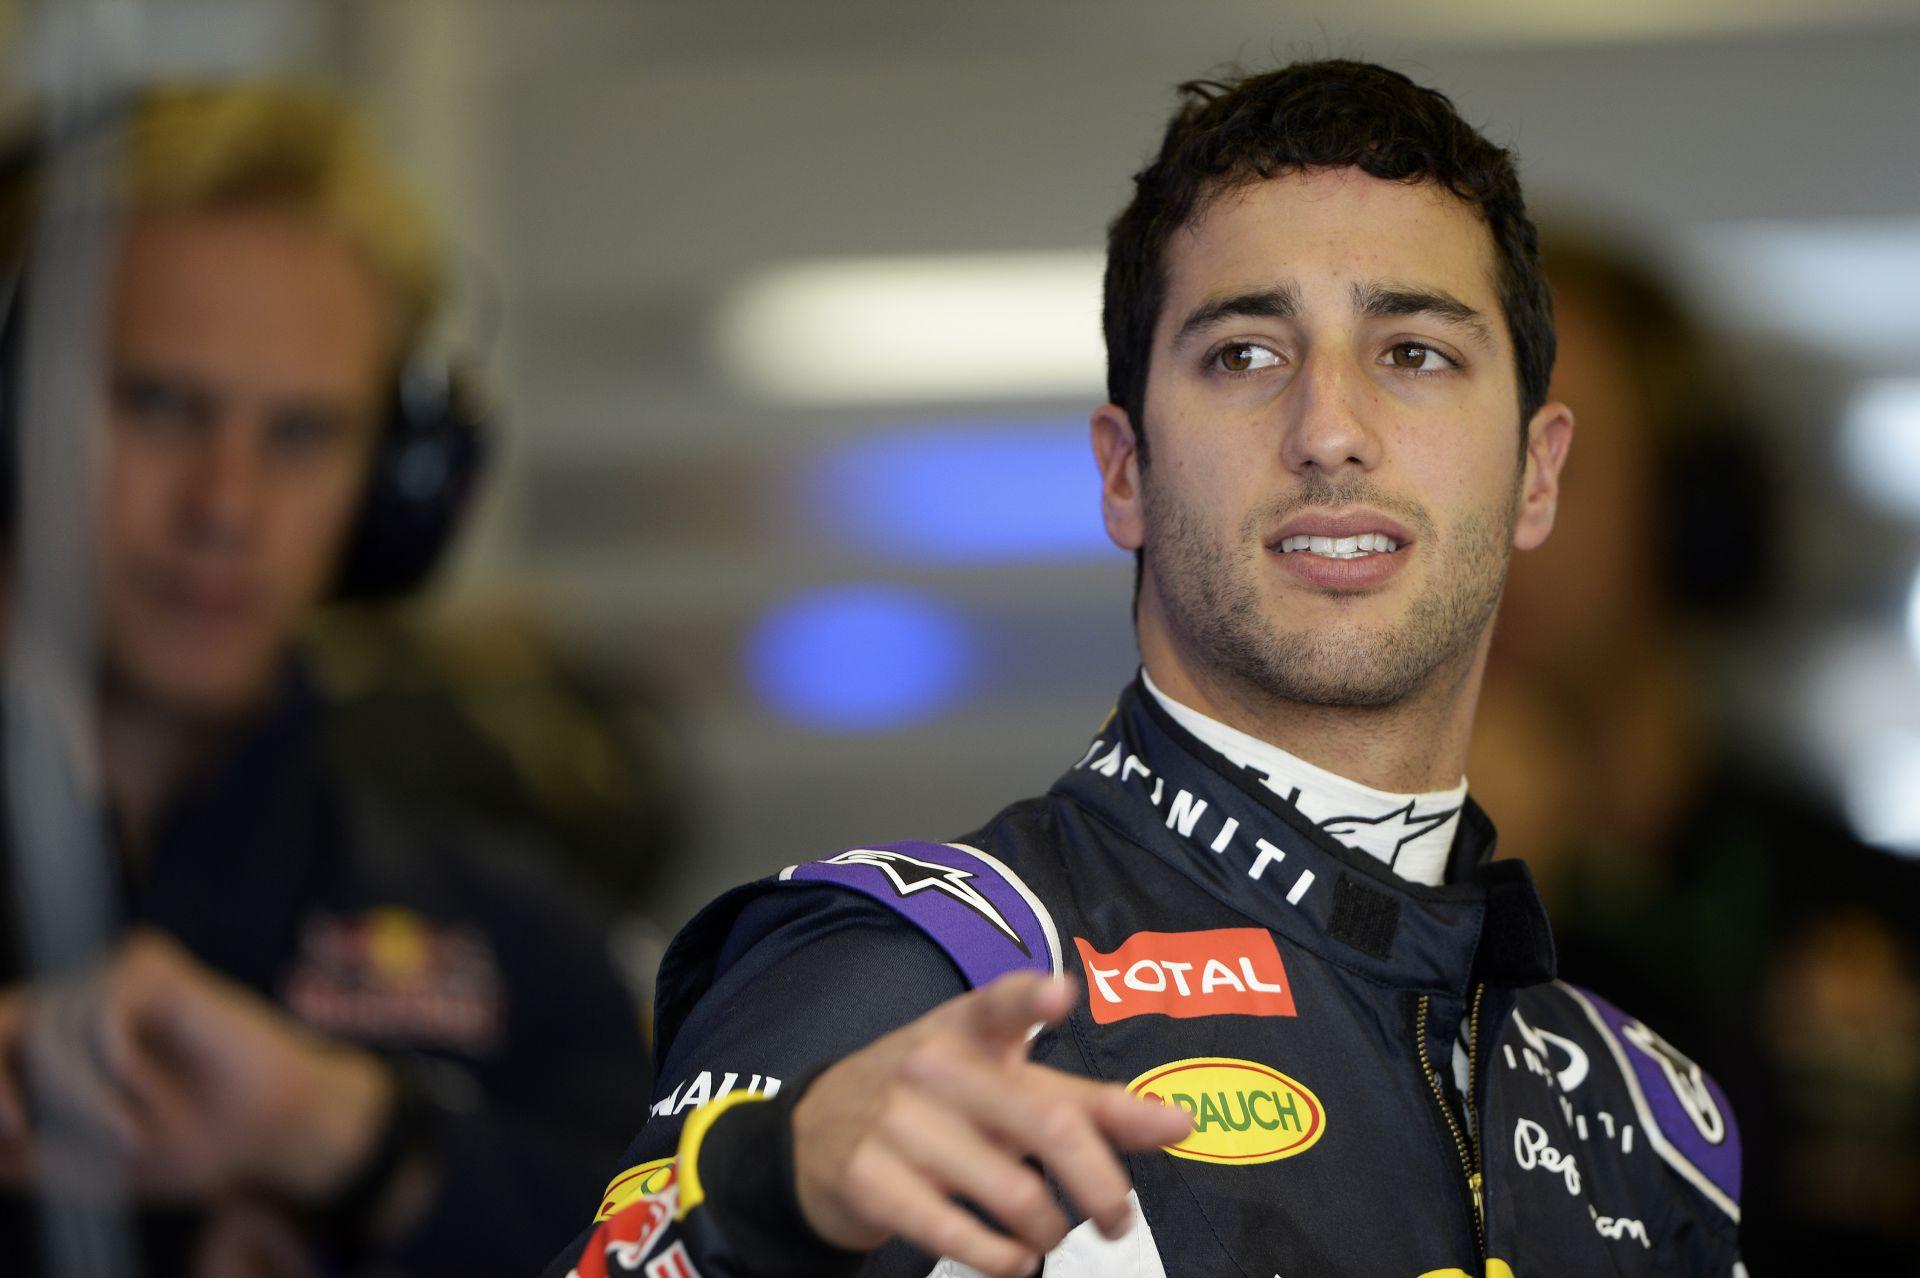 Fedélzeti kamerás felvétel Daniel Ricciardóról, ahogy a Red Bullt vezeti Ausztráliában